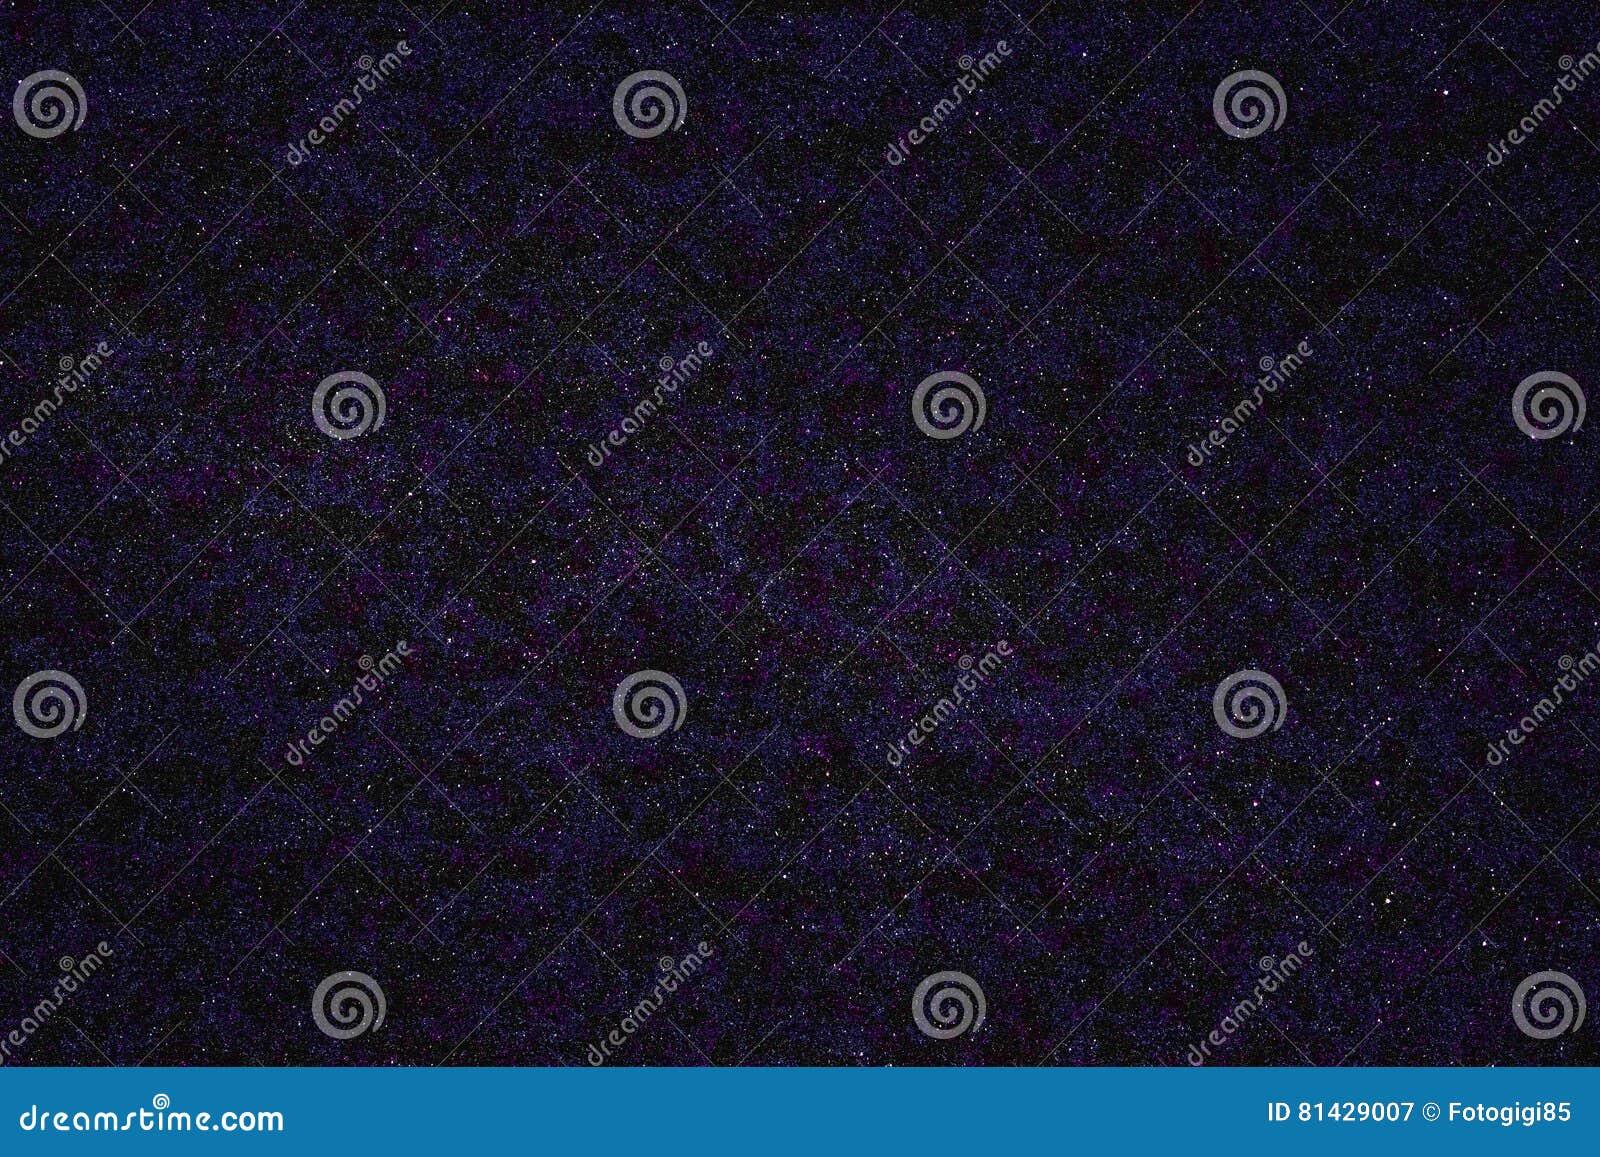 Immagine Di Sfondo Blu Viola Tema Stellare Luniverso E Luniverso